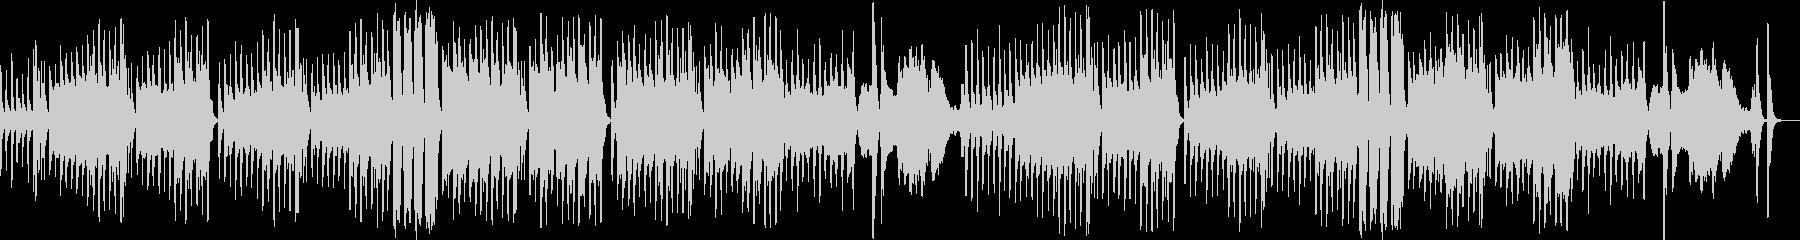 クラシカルで怪しいゴシックホラーなBGMの未再生の波形